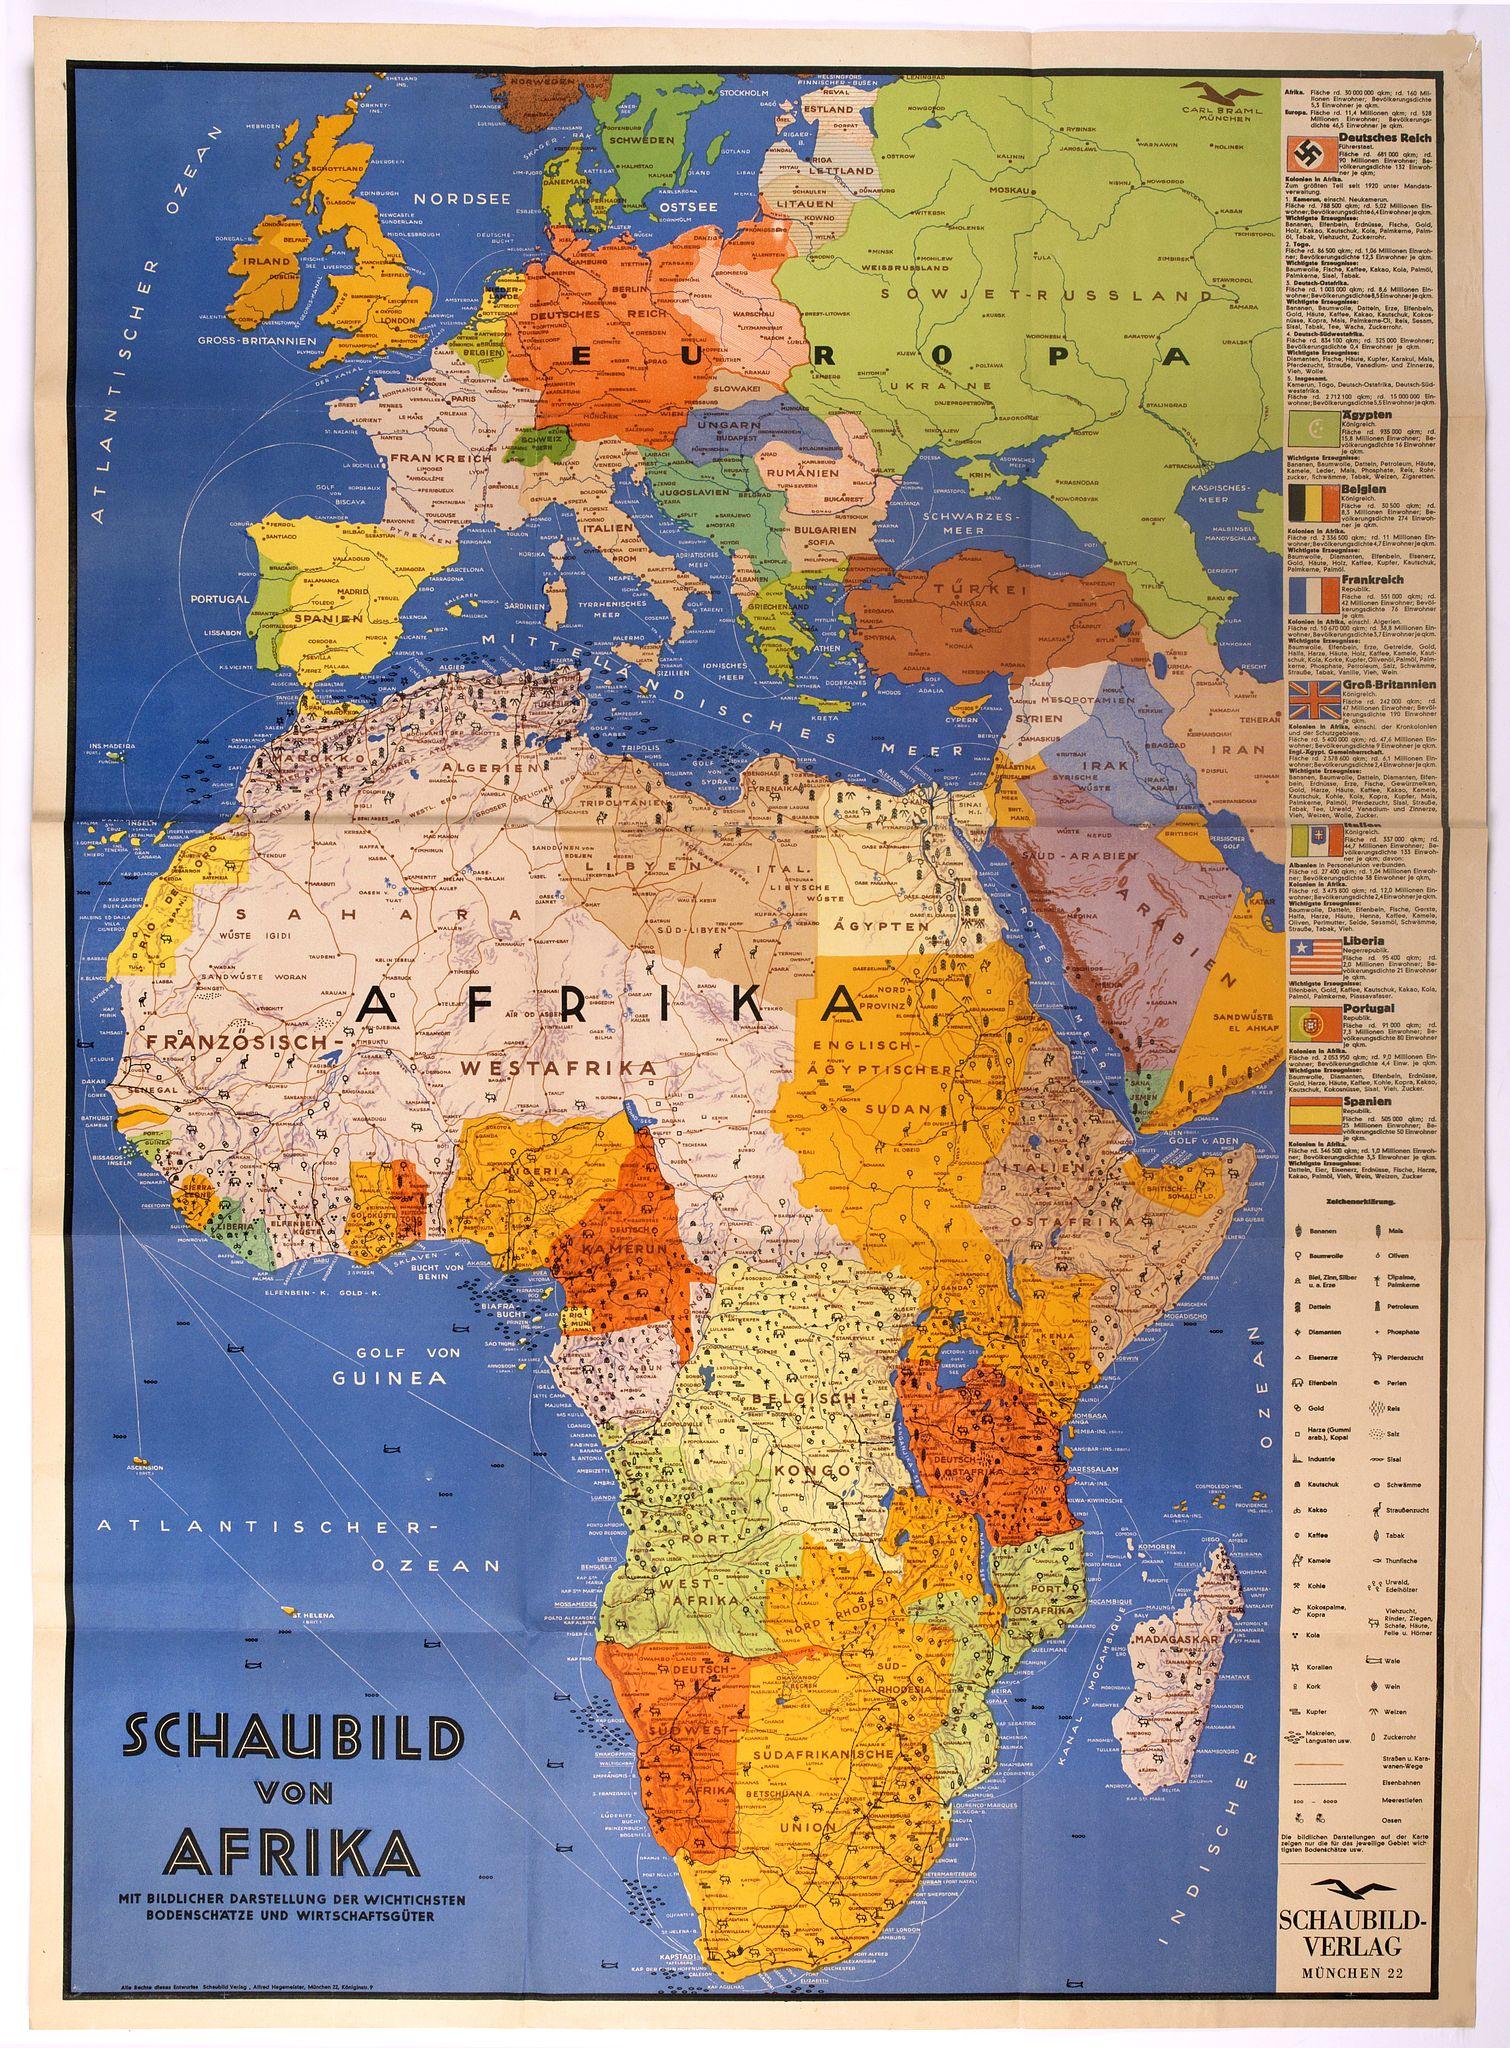 SCHAUBILD VERLAG -  Schaubild von Afrika mit bildlicher Darstellung der wichtigsten Bodenschätze und Wirtschaftgüter.